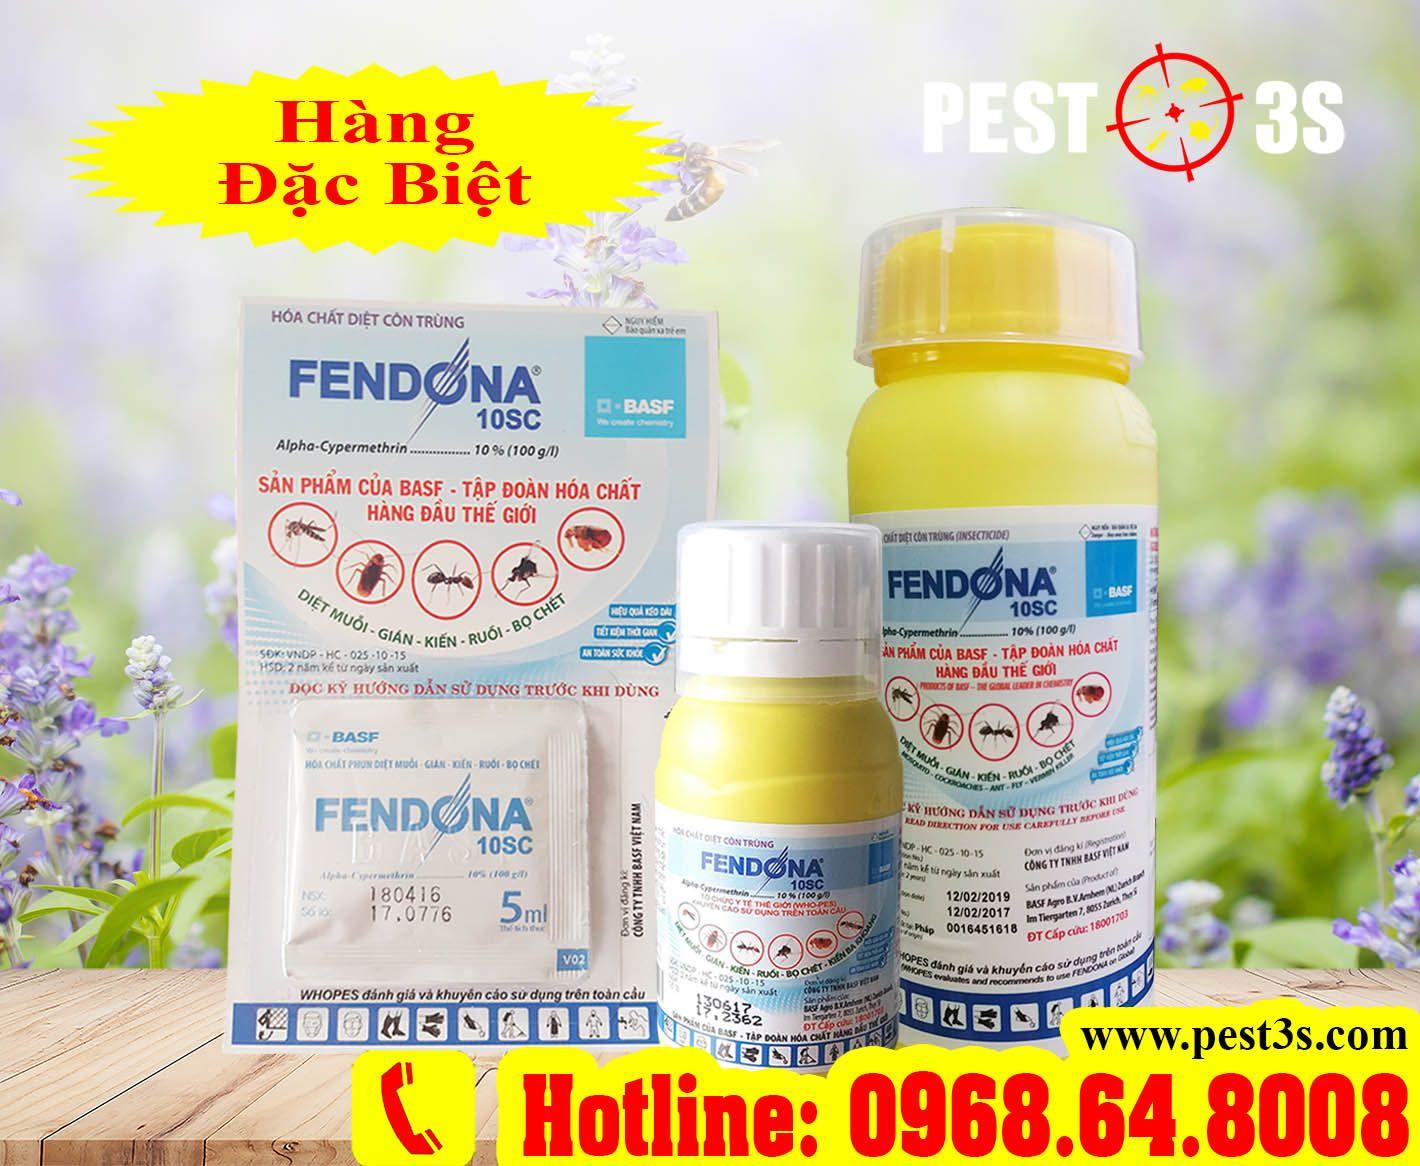 Fendona® 10SC – Hoá chất diệt côn trùng số 1 thế giới